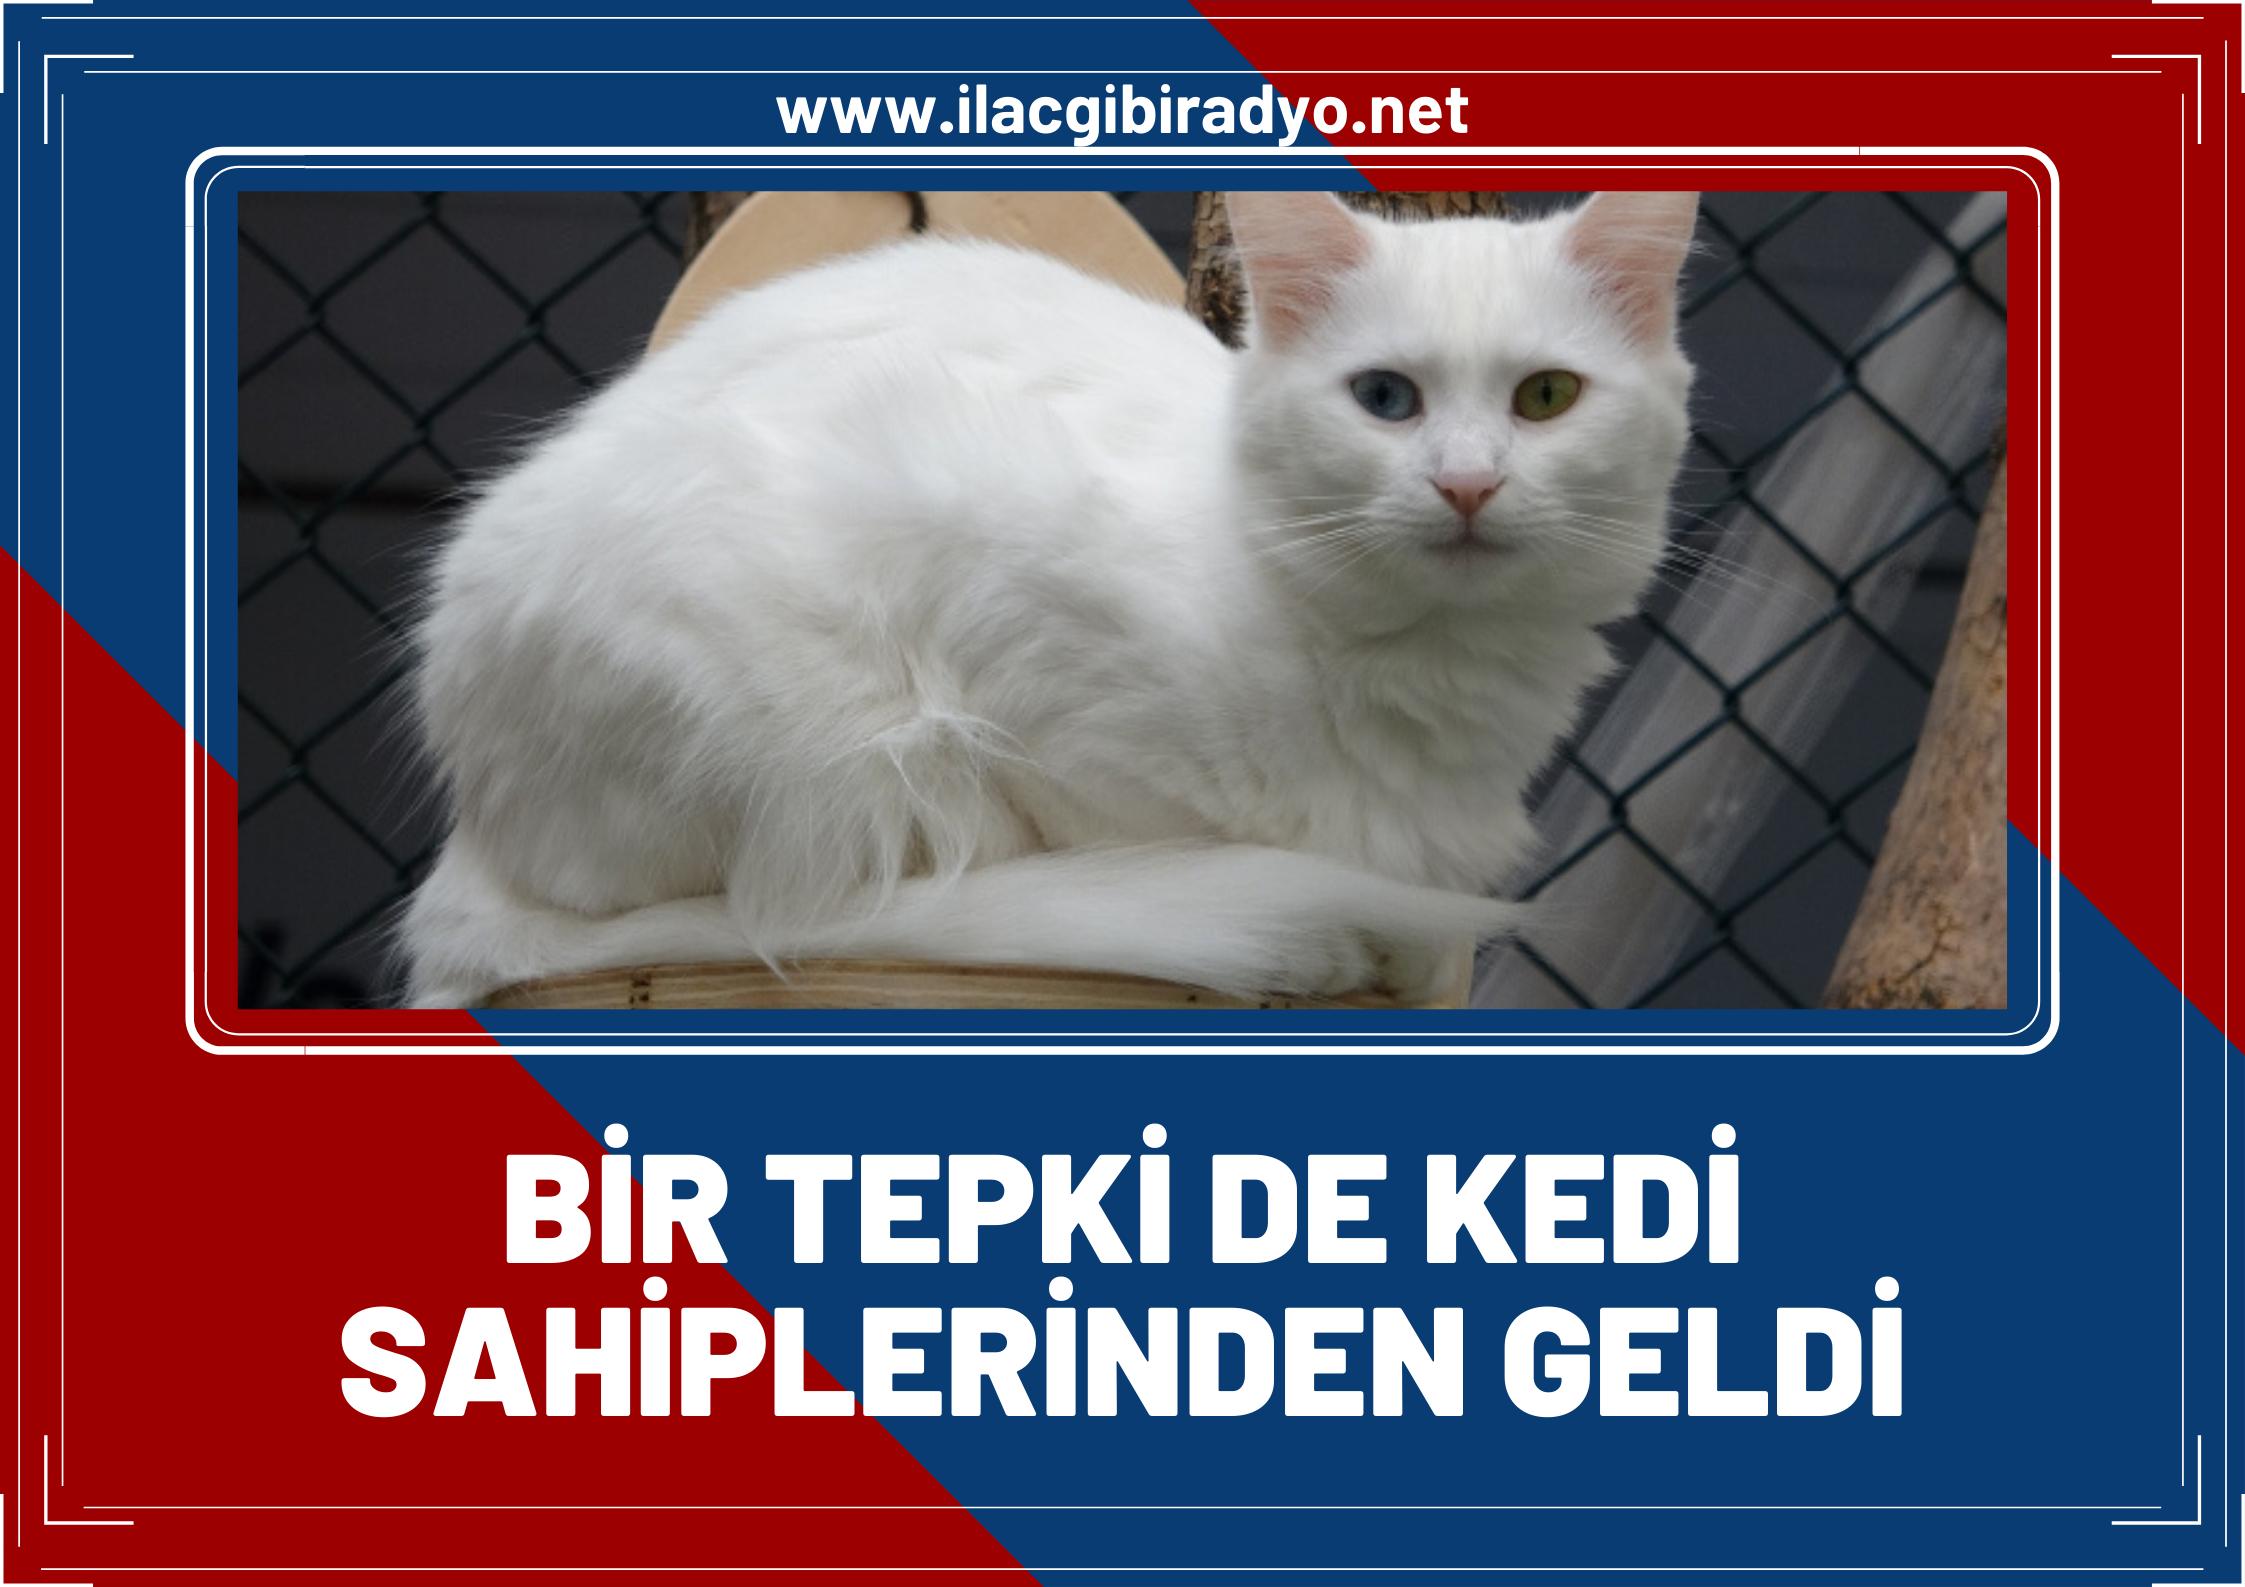 Van kedisi sahipleri Helsinki Üniversitesinin yaptığı araştırmaya tepki gösterdi